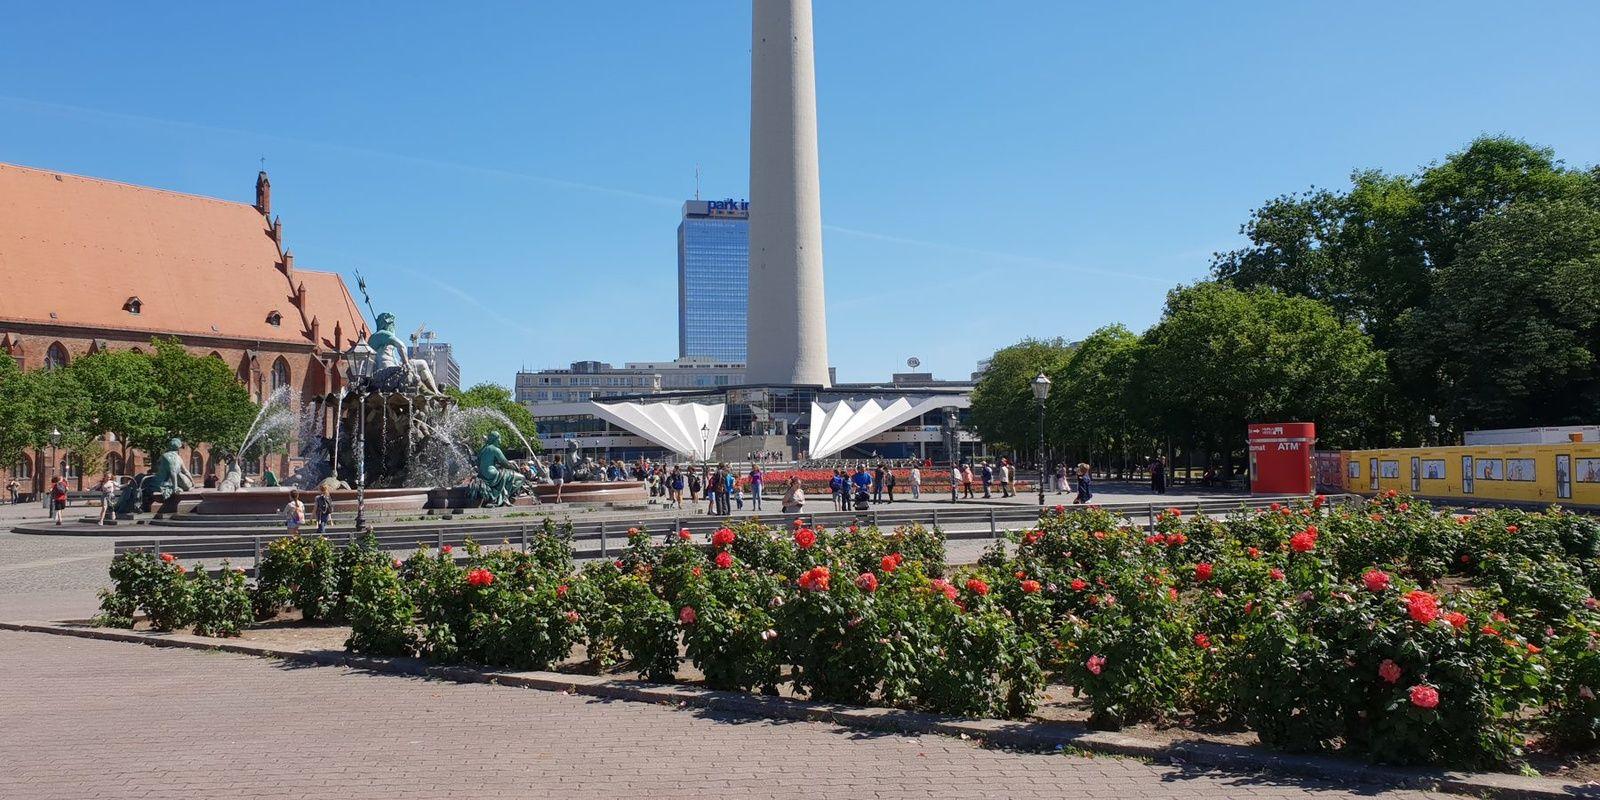 Platz vor dem Fernsehturm